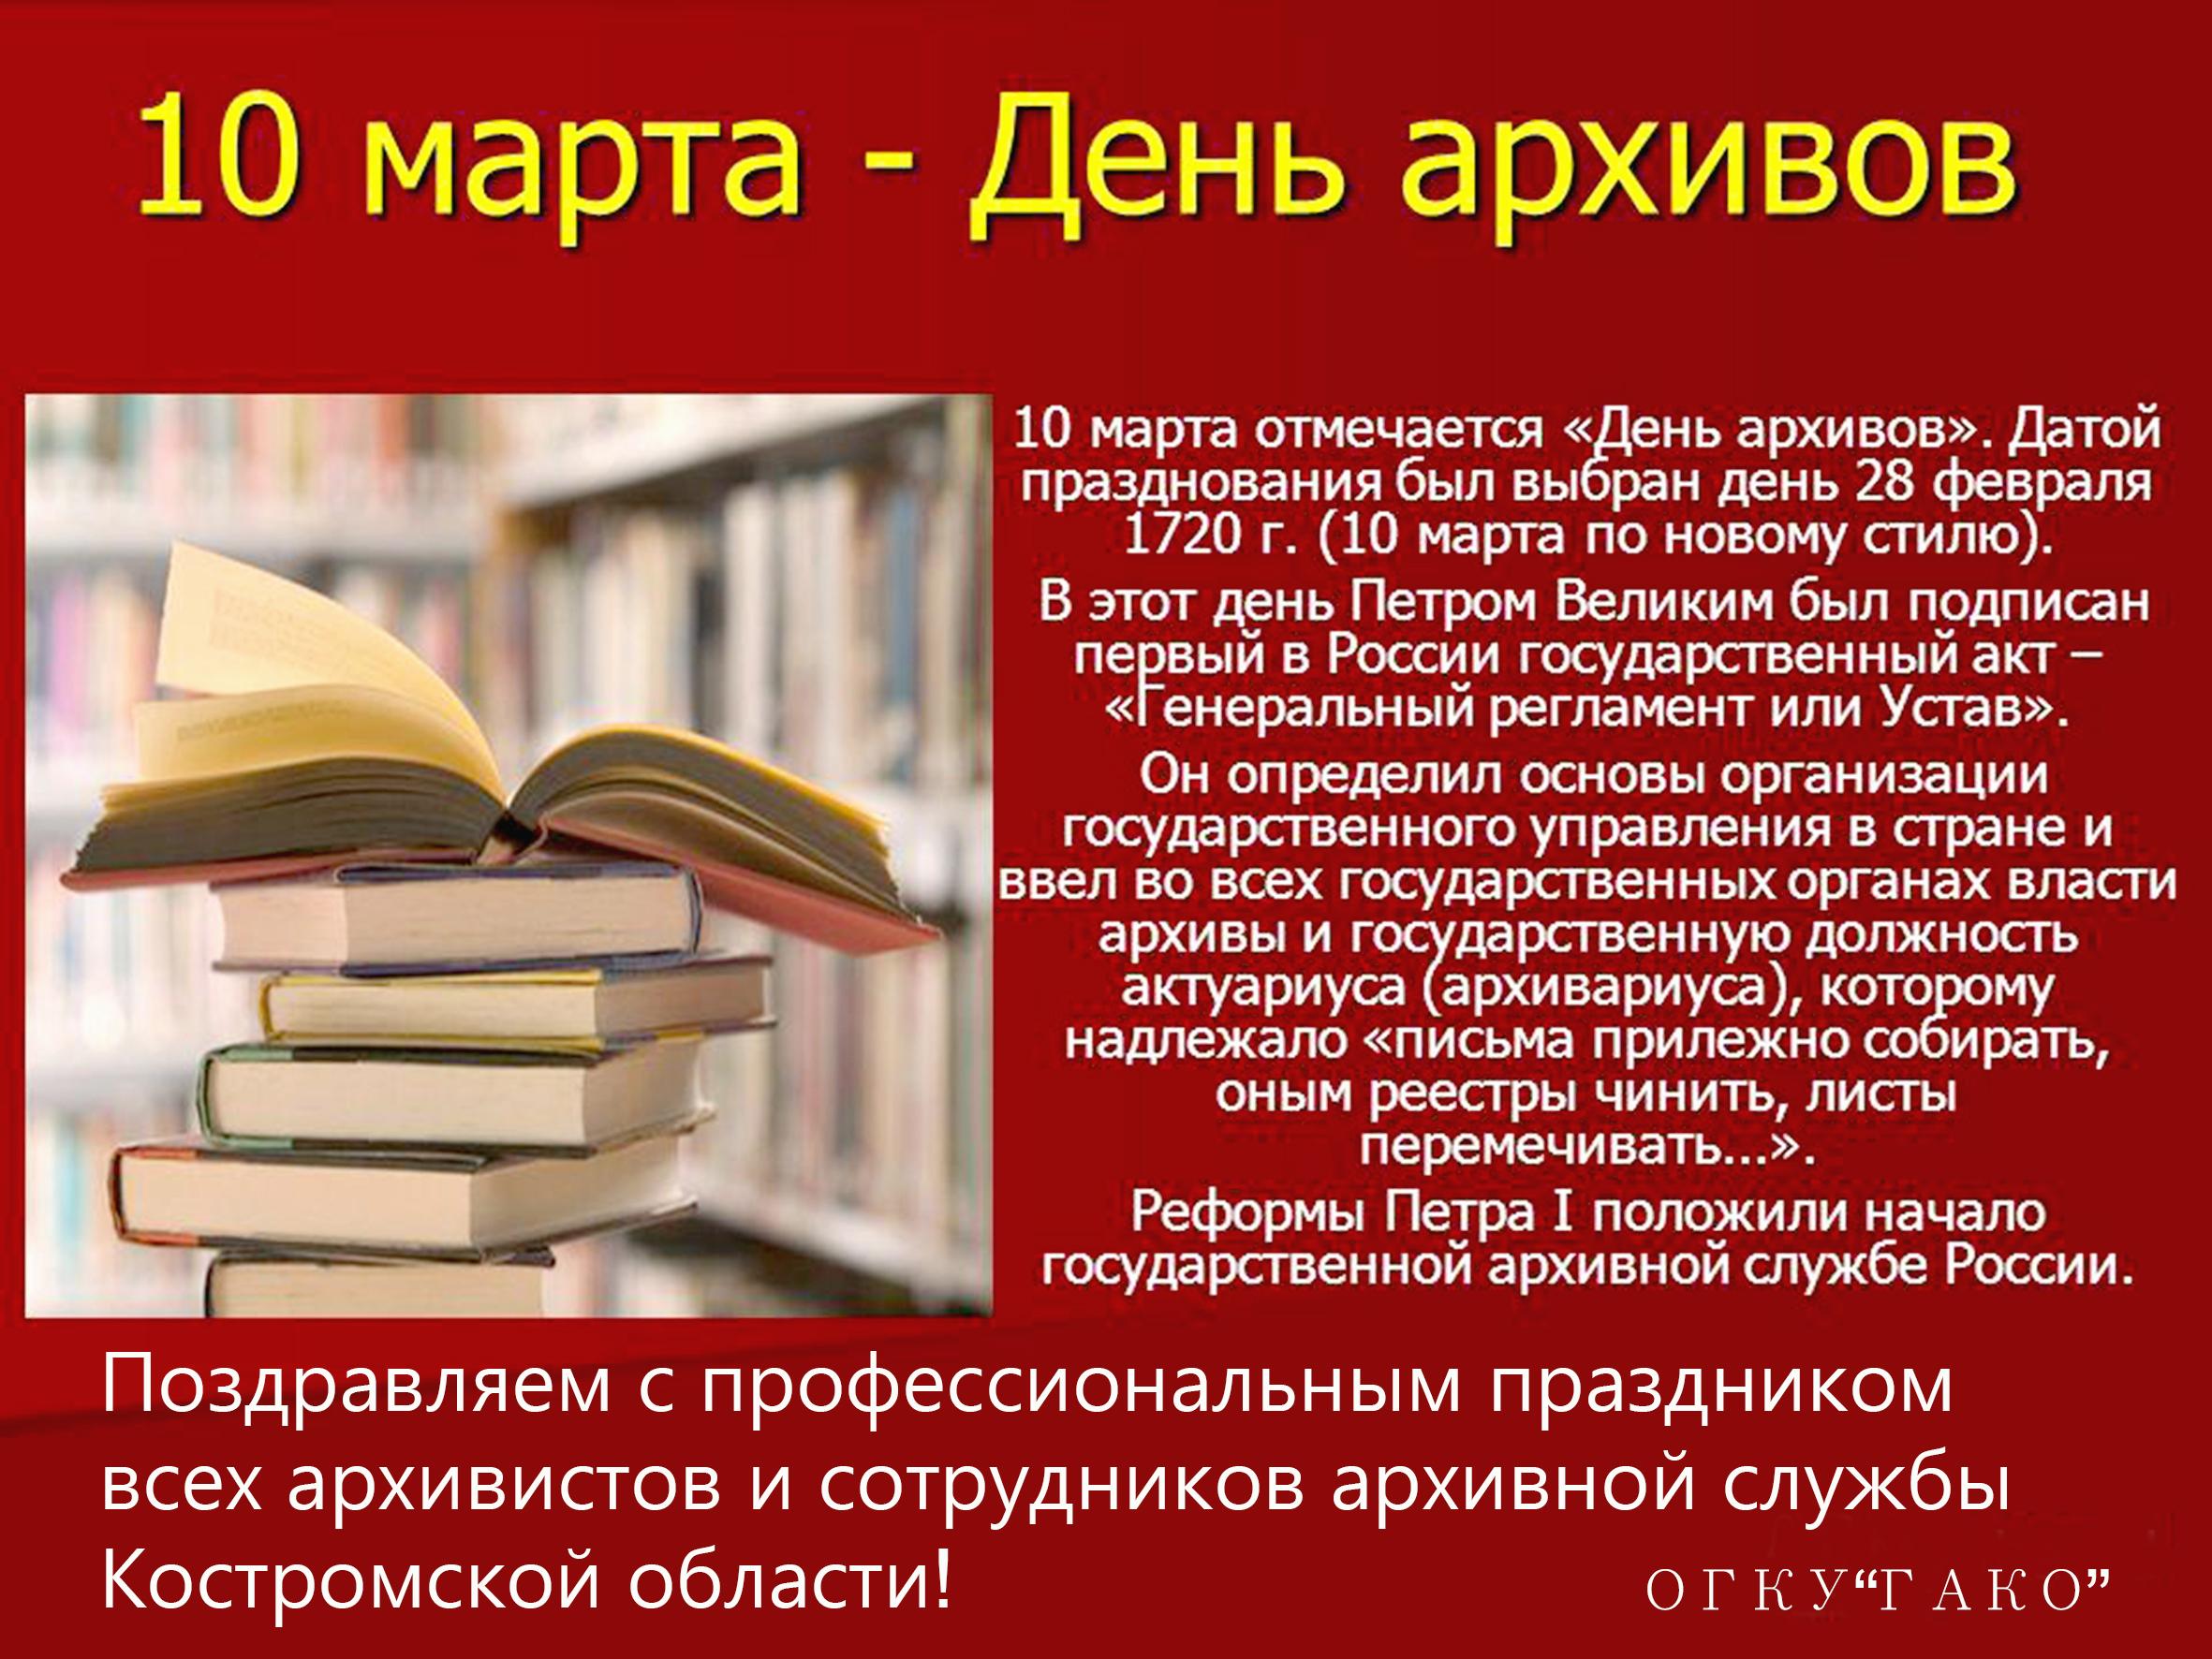 День работников архивов.jpg